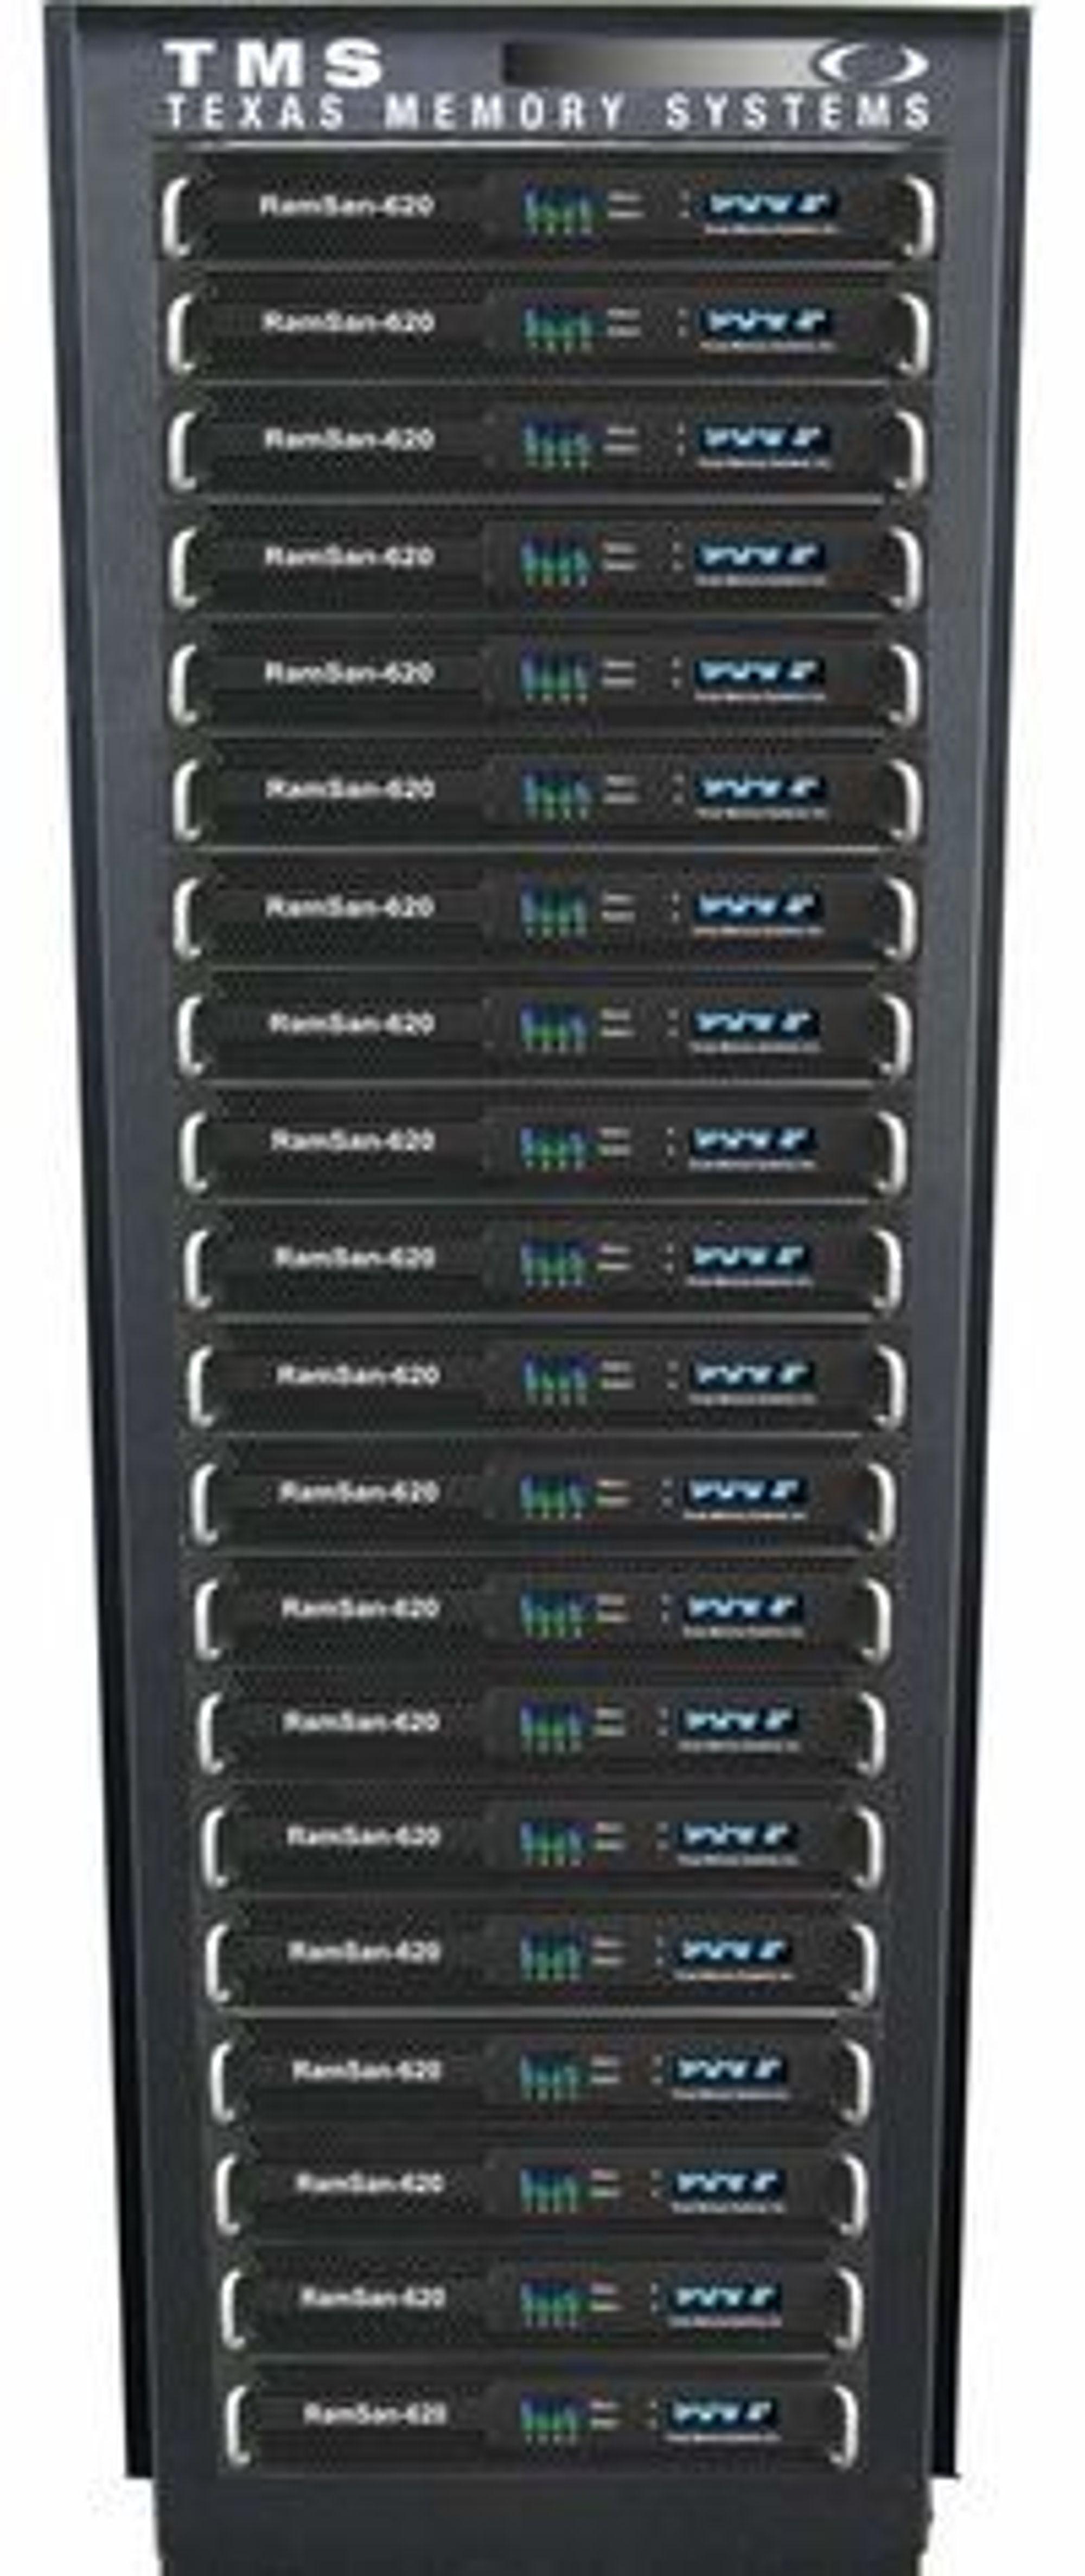 RamSan-620 er verdens raskeste og største SSD-system, ifølge Texas Memory Systems.